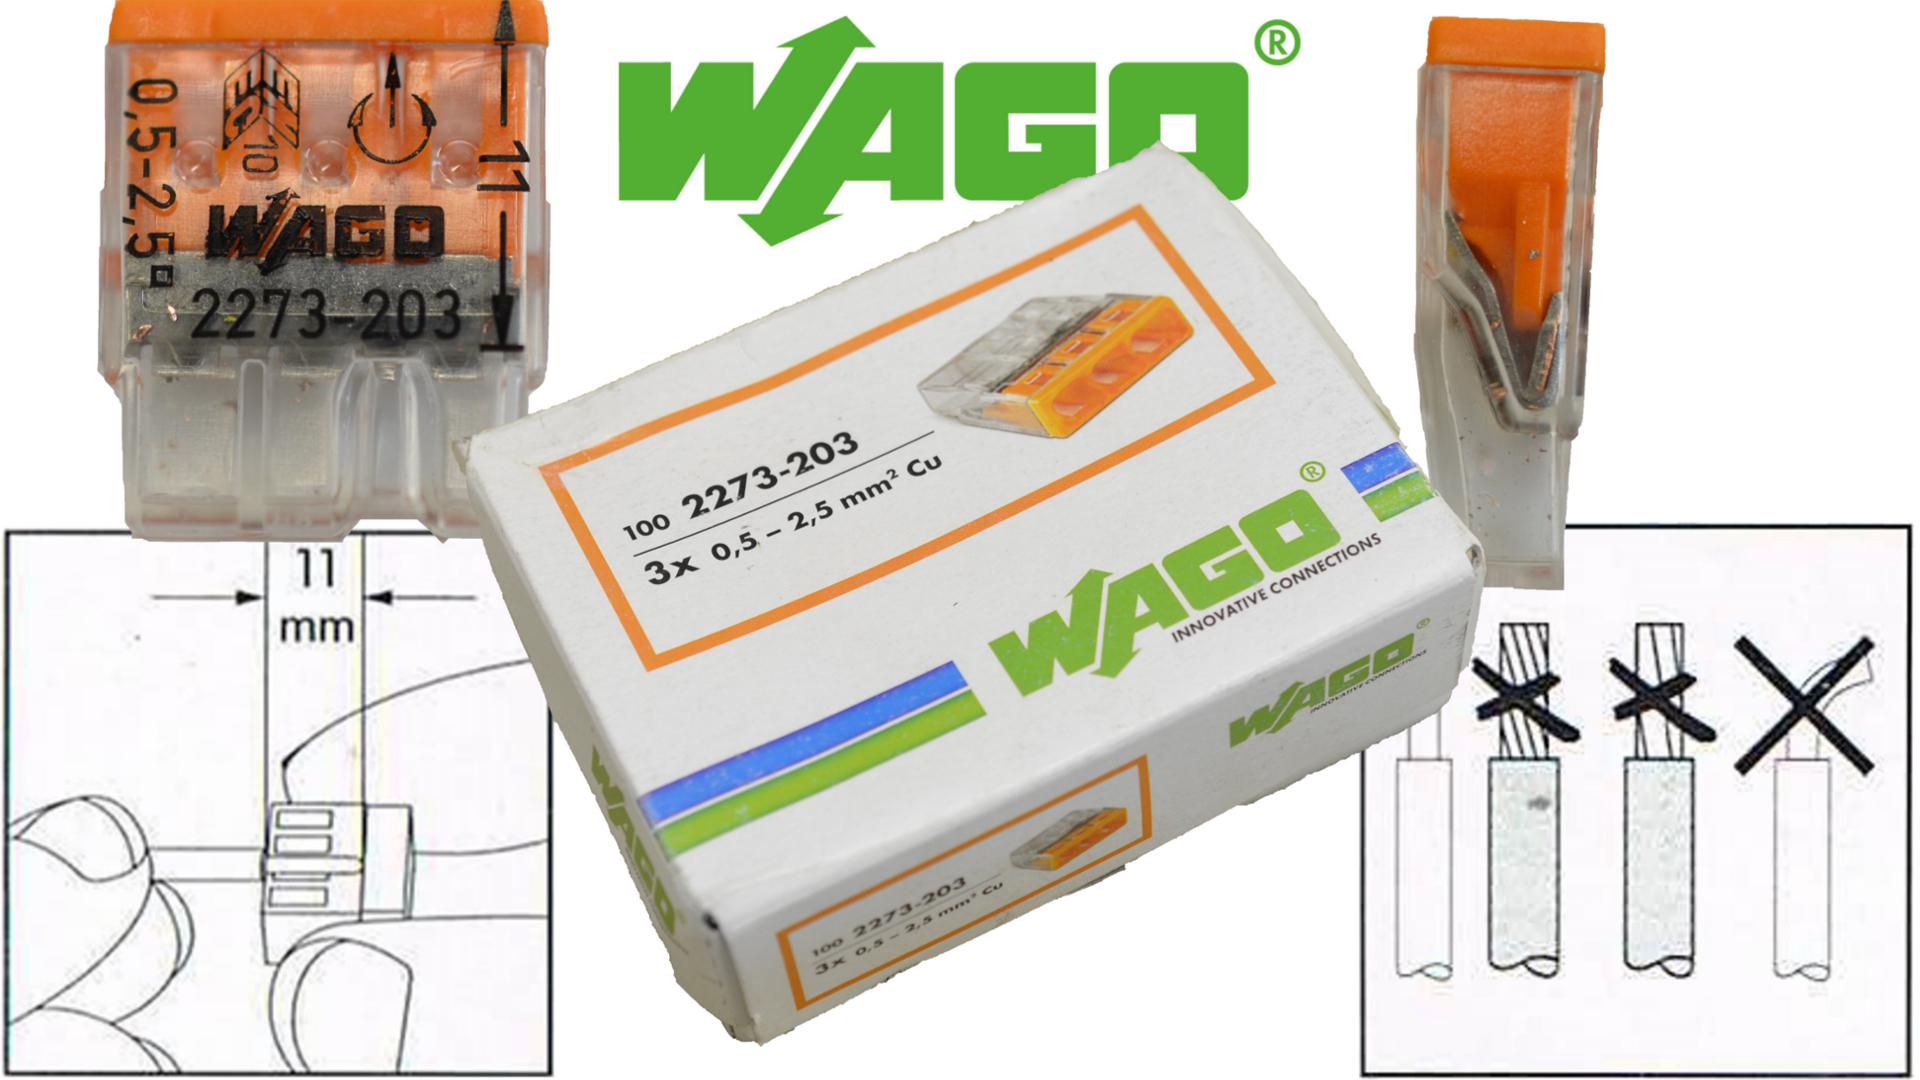 Wago-Klemmen Thumbnail 2